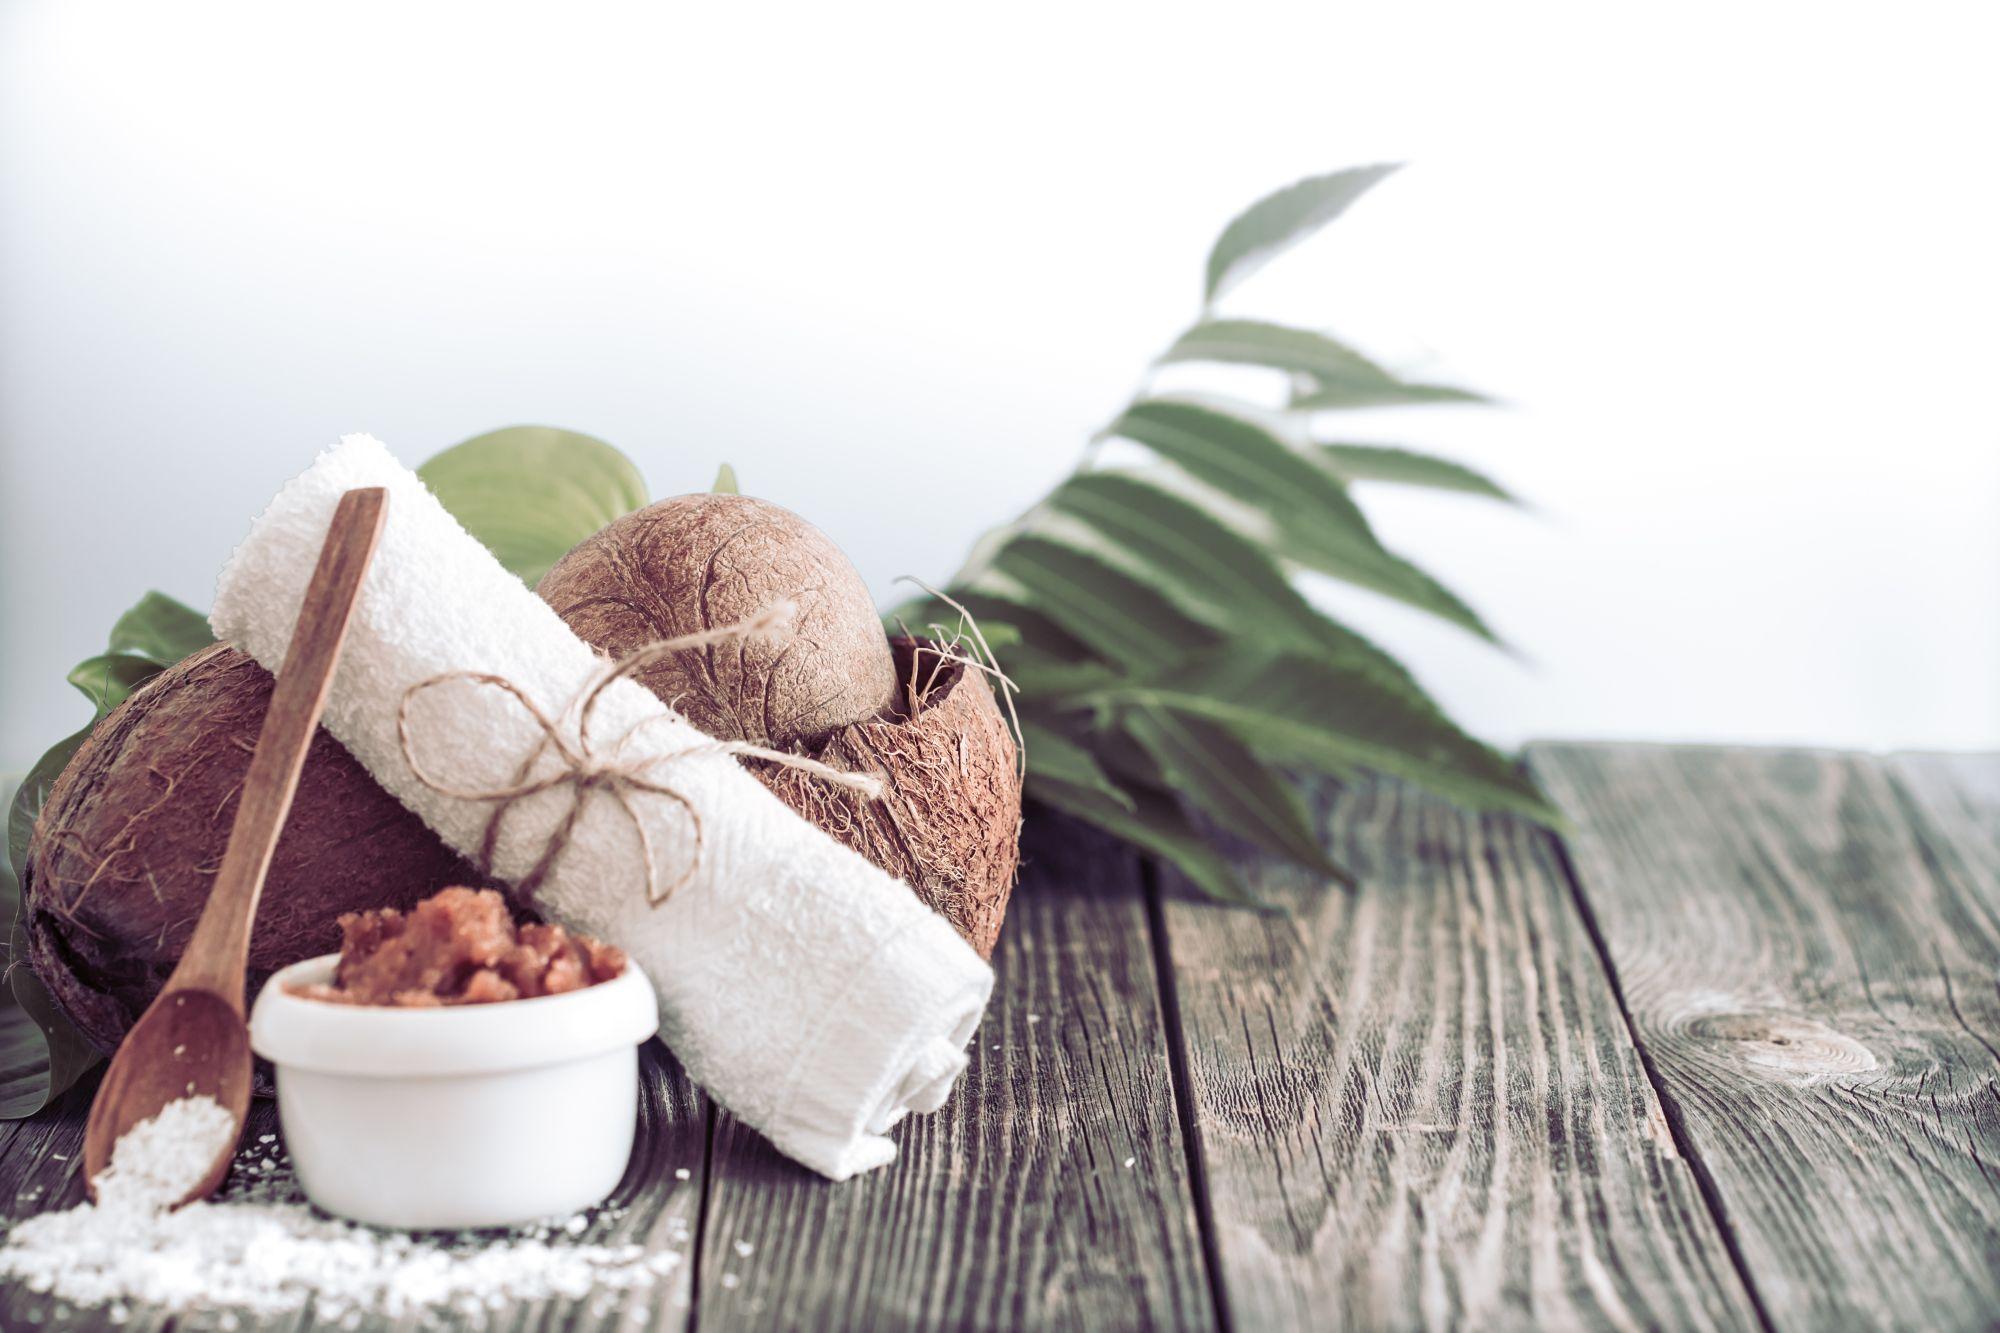 Az aroma diffúzort sokszor használják spa üdülőkben